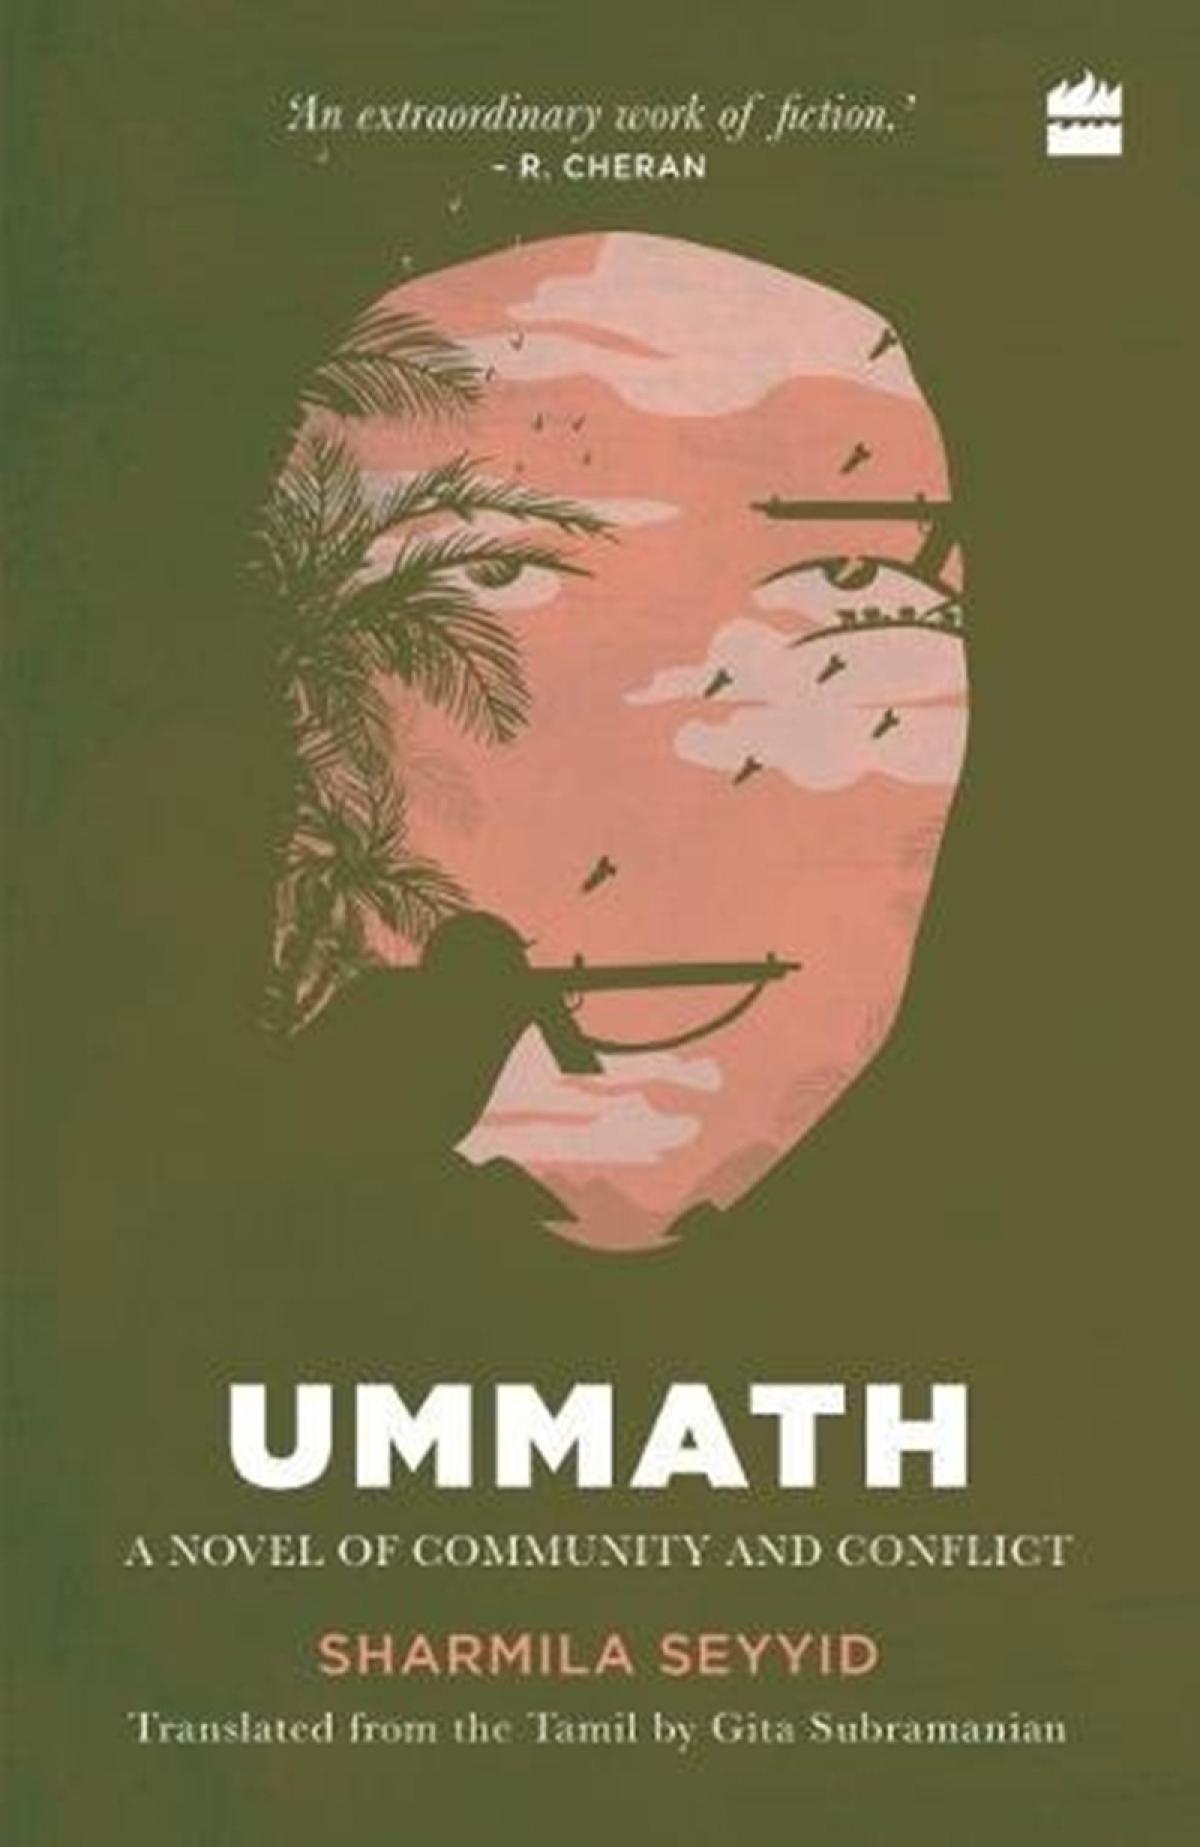 Ummath by Sharmila Seyyid – Review